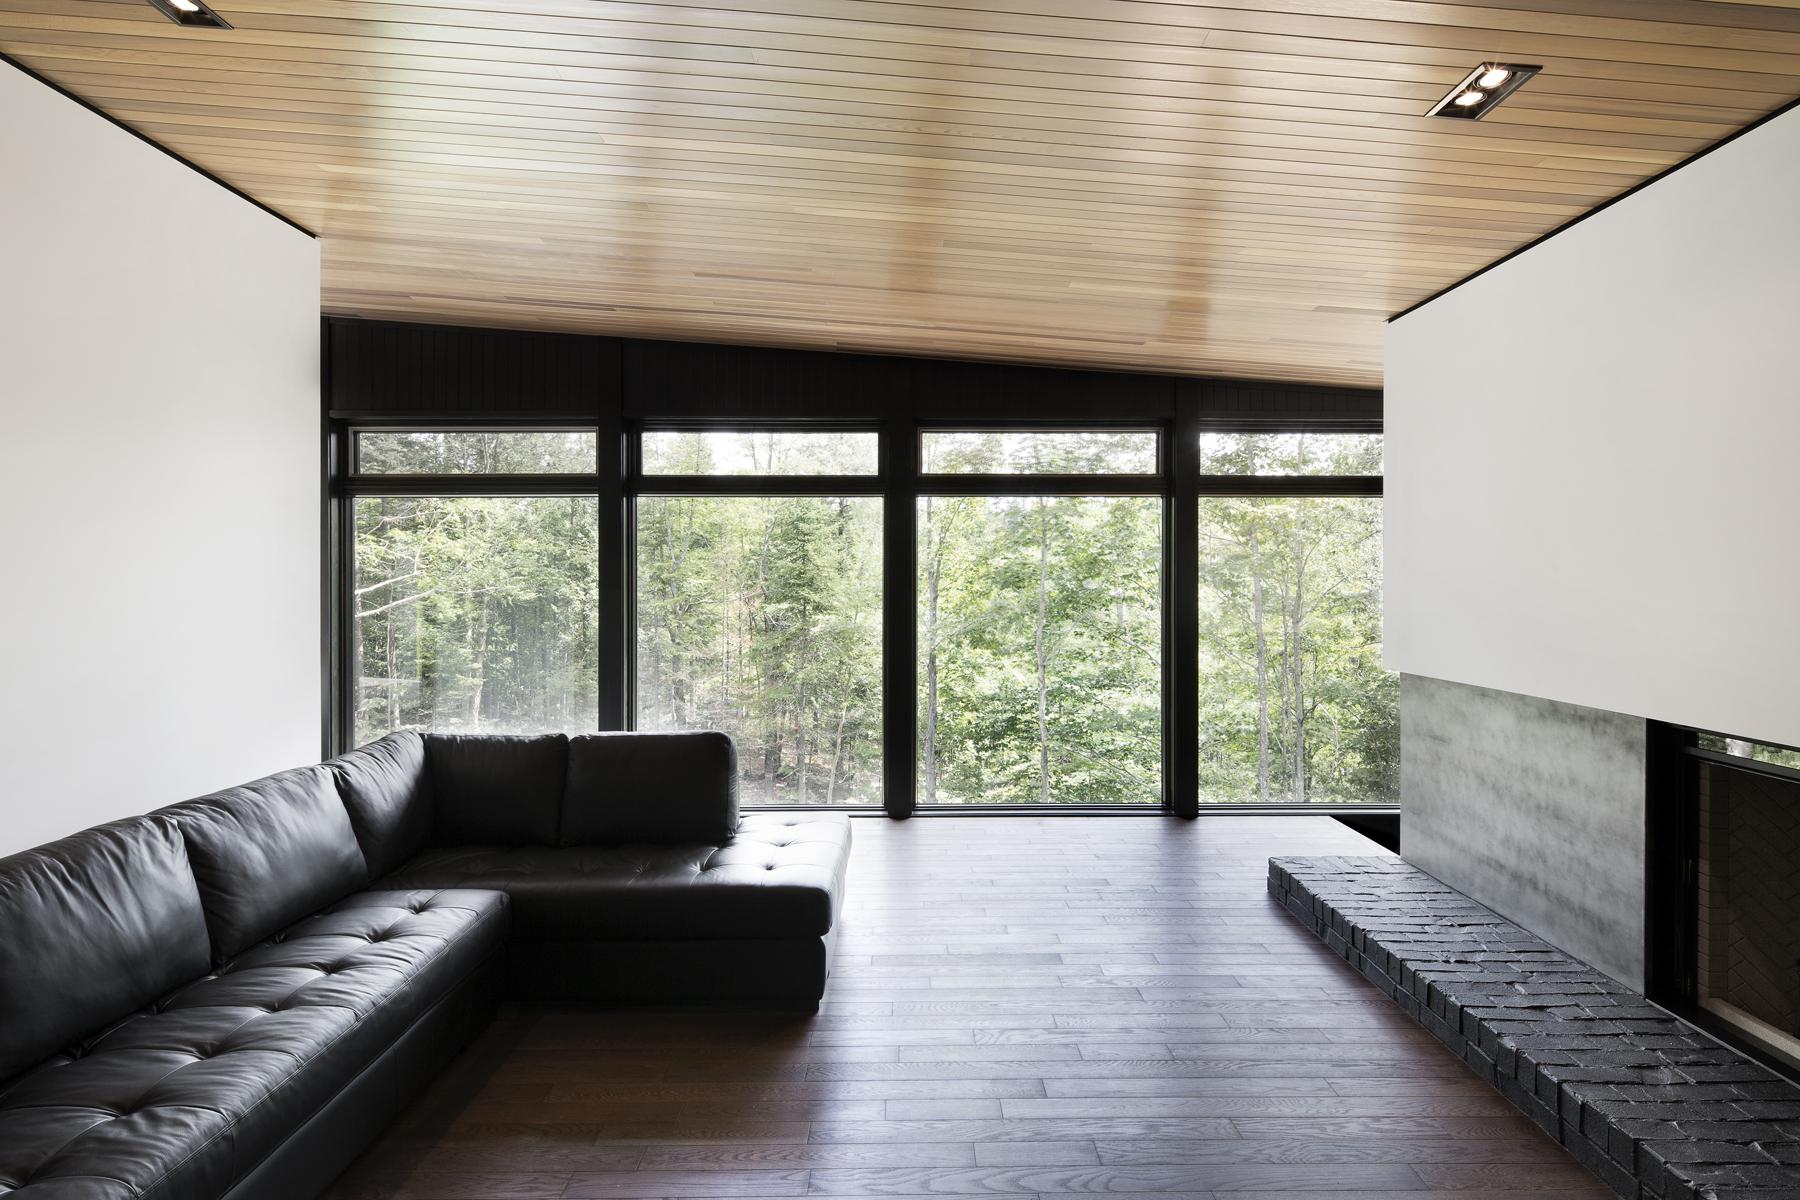 holz und schwarz ein sch nes paar sweet home. Black Bedroom Furniture Sets. Home Design Ideas